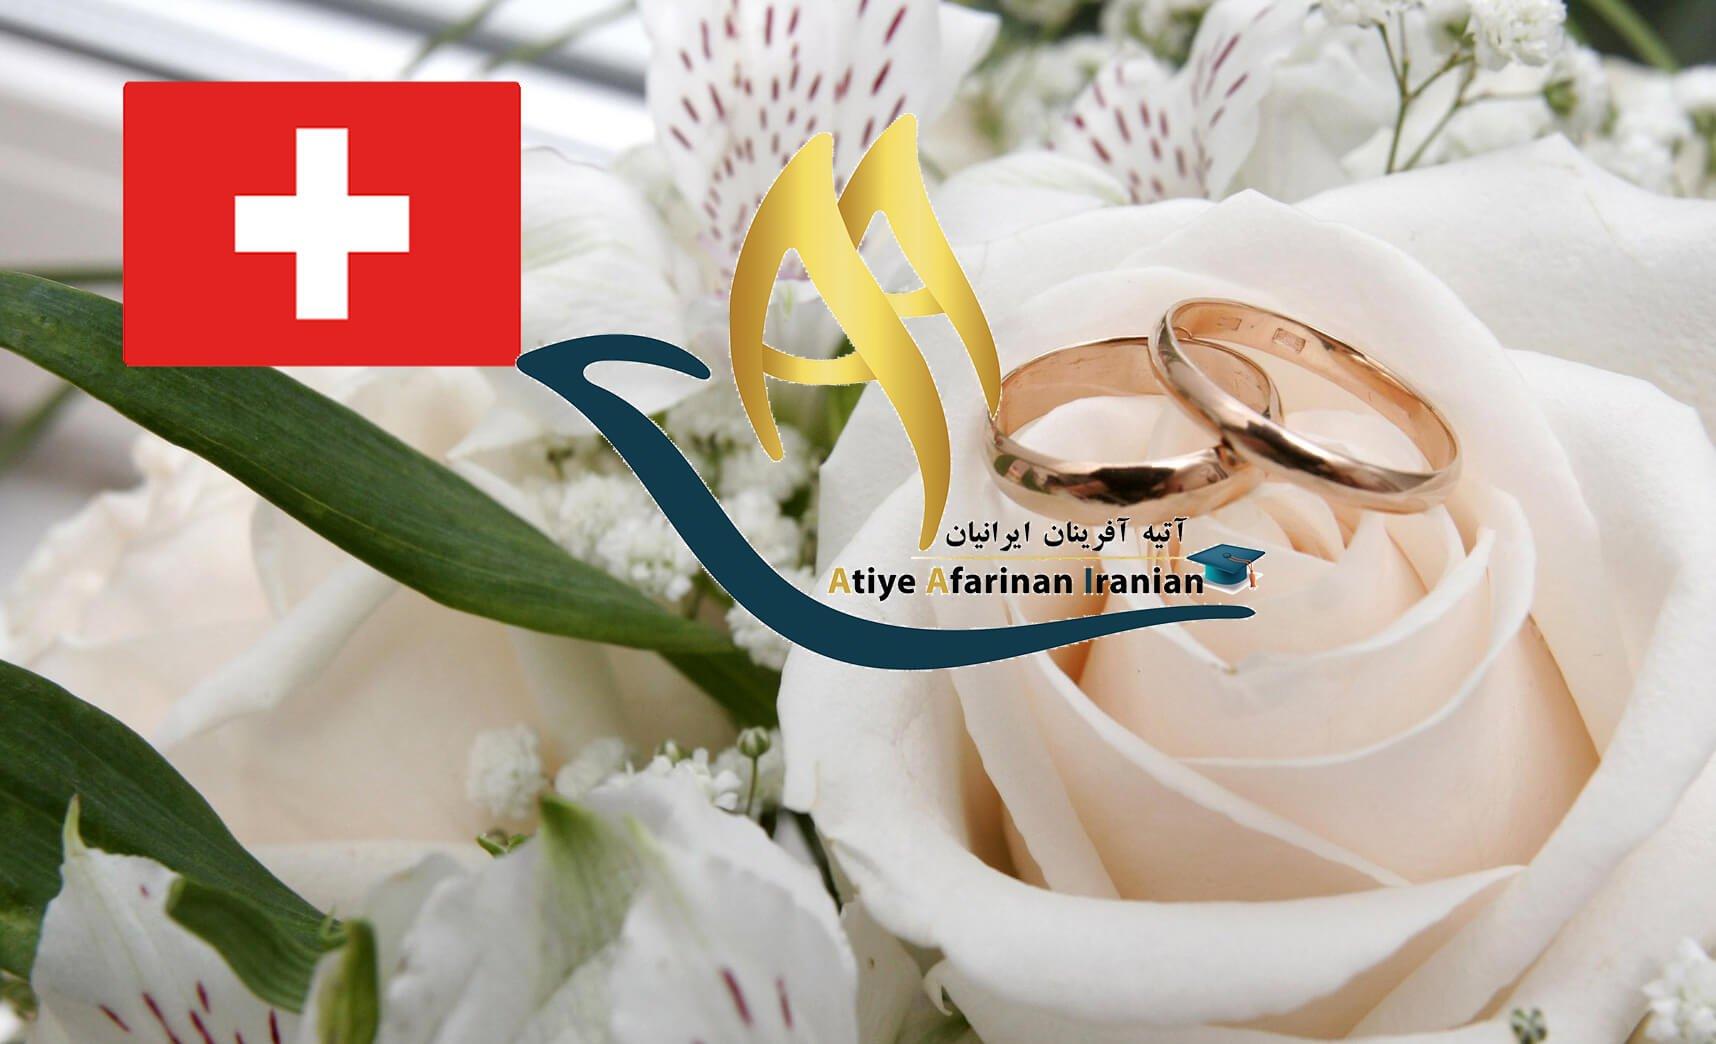 مهاجرت به سوئیس از طریق ازدواج